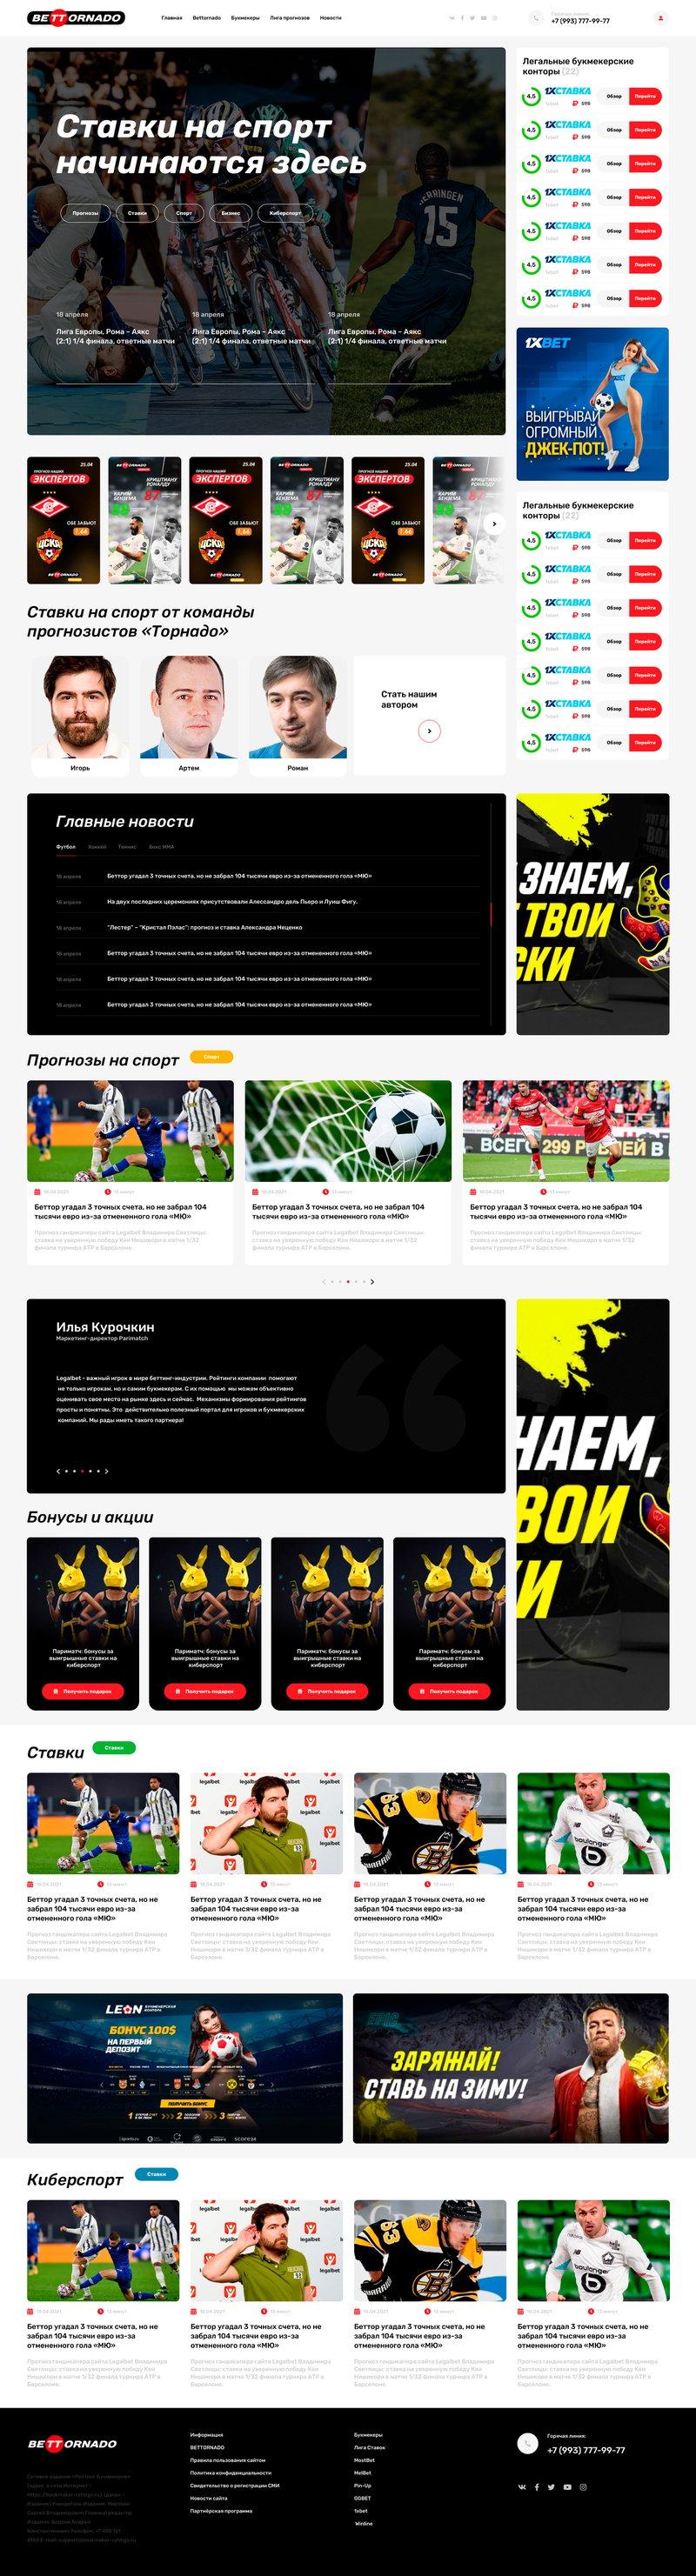 Дизайн для информационного сайта – работа в портфолио фрилансера